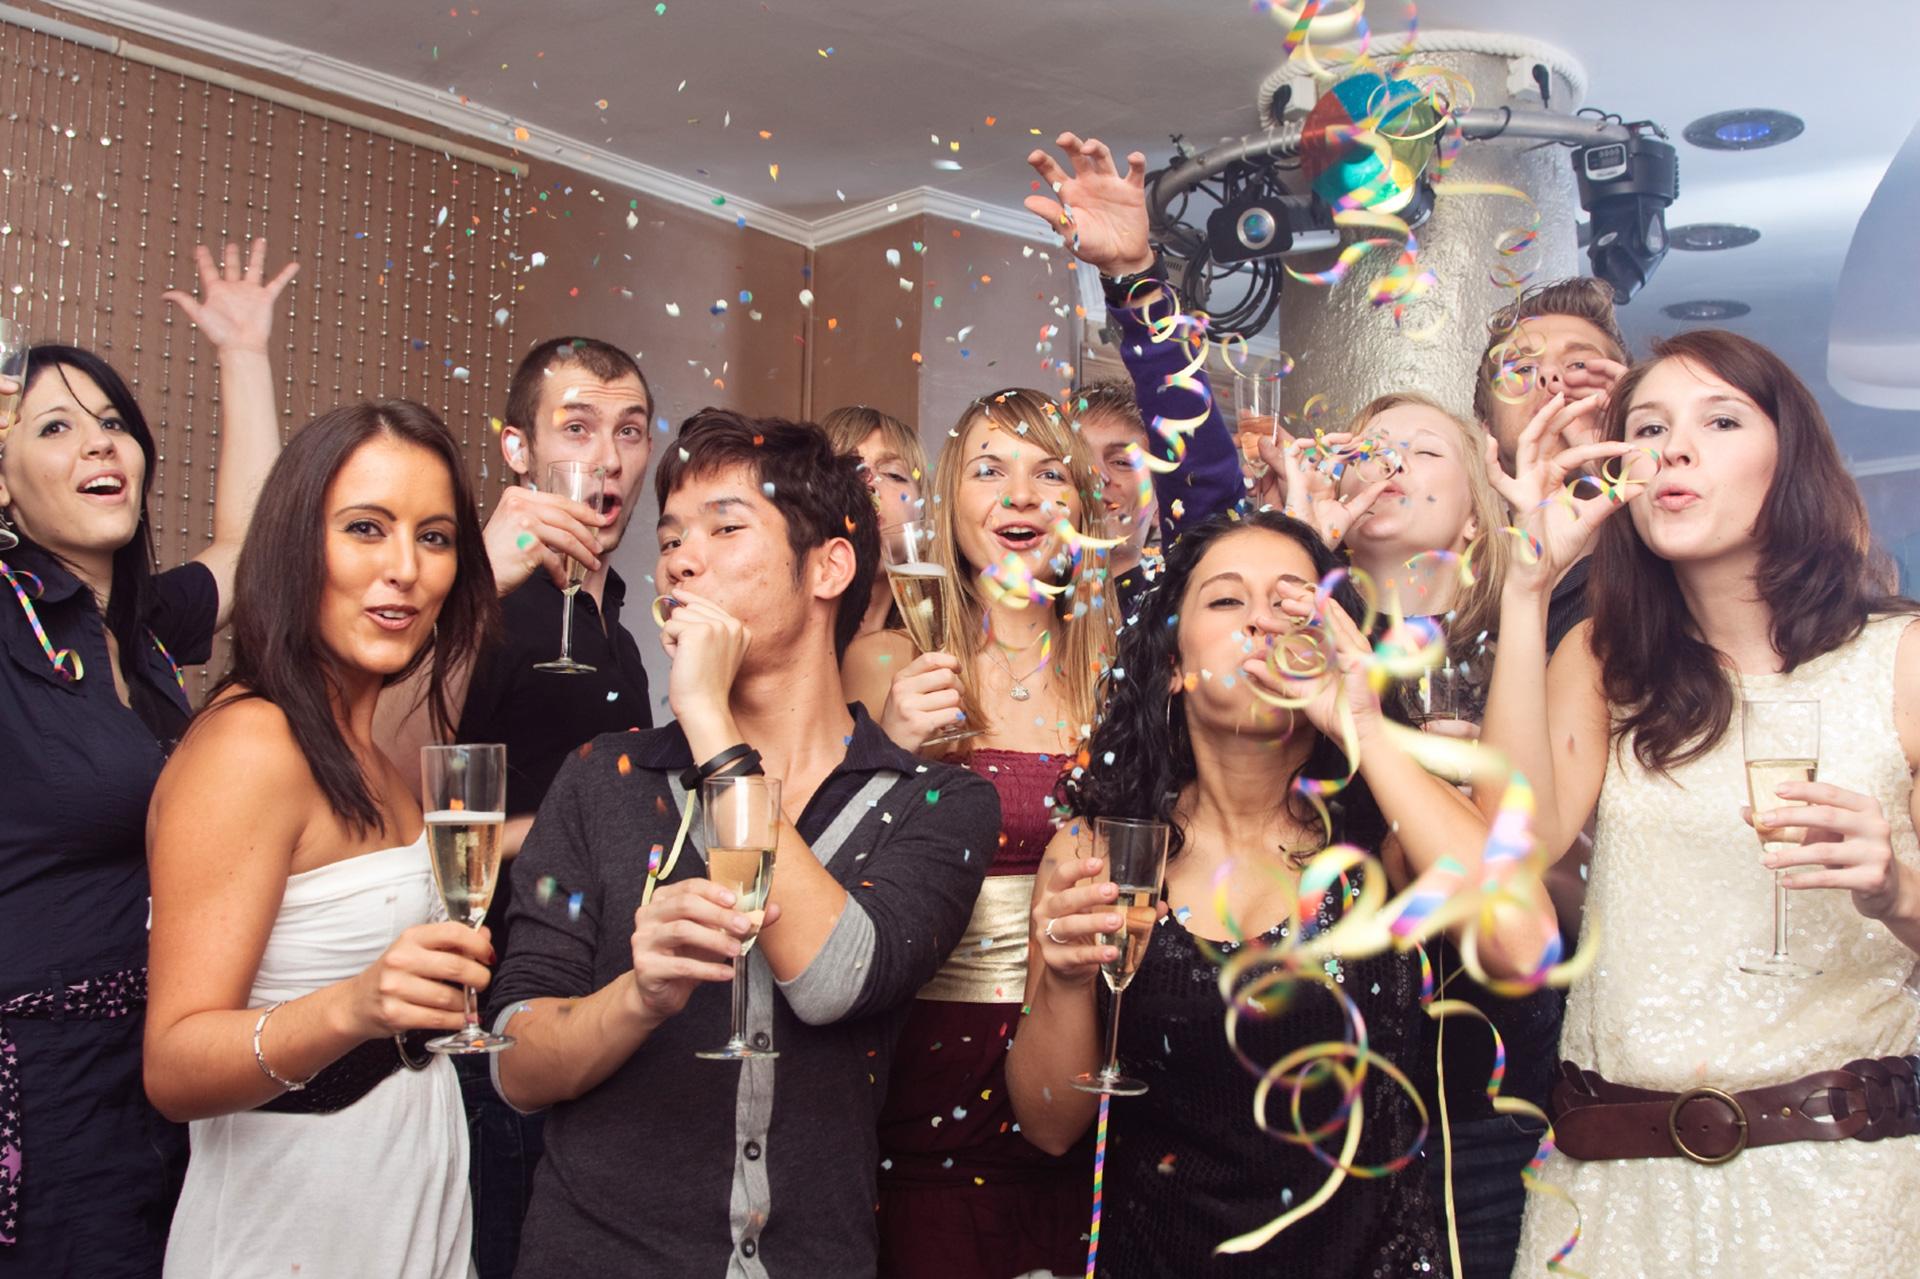 фото вечеринок на работе также